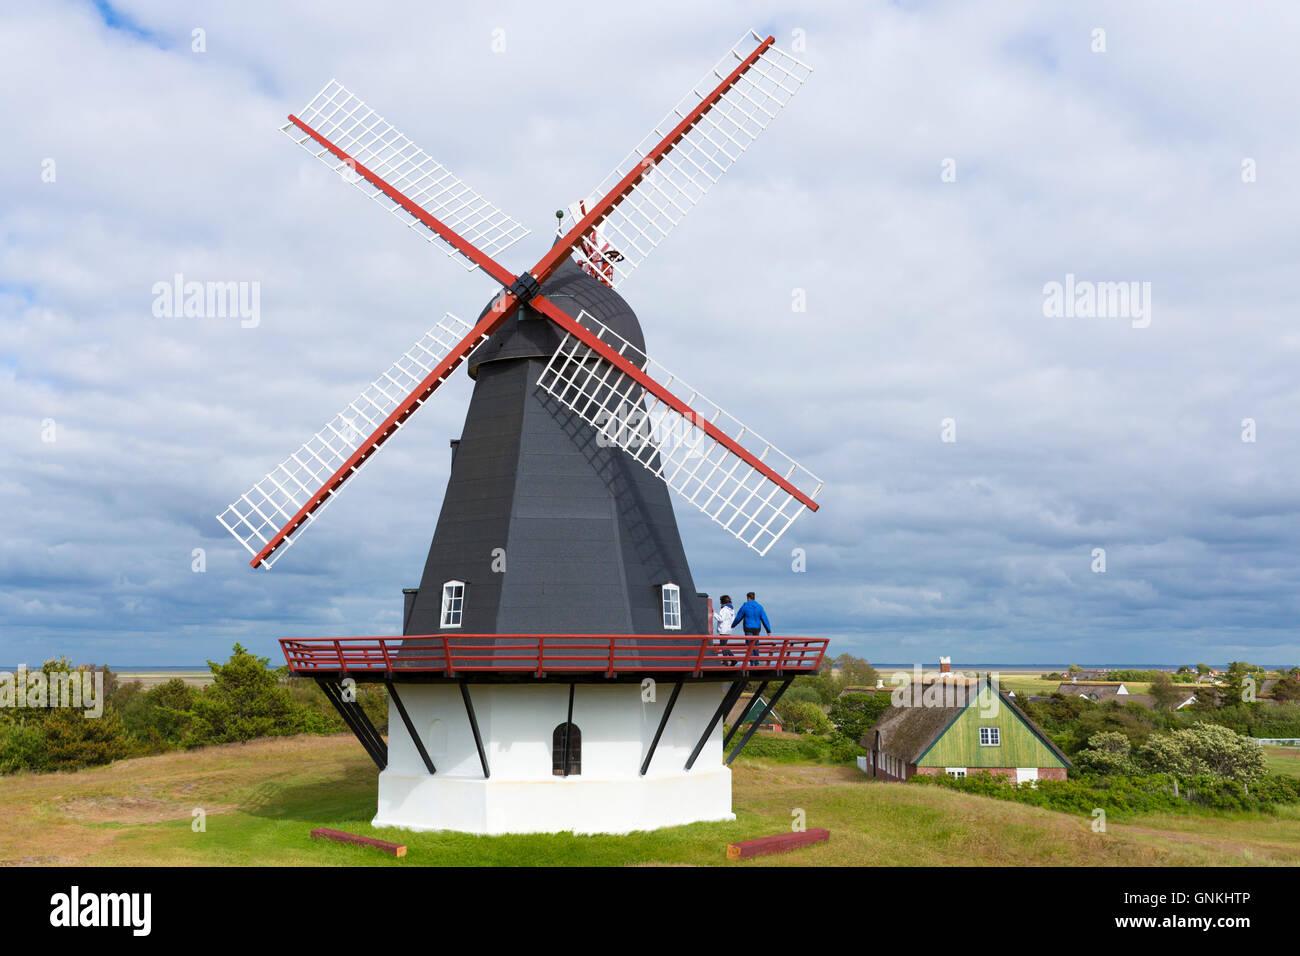 Sonderho Molle mulino a vento per Energia di Vento in isola di Fano - Fanoe - sud dello Jutland, Danimarca Immagini Stock